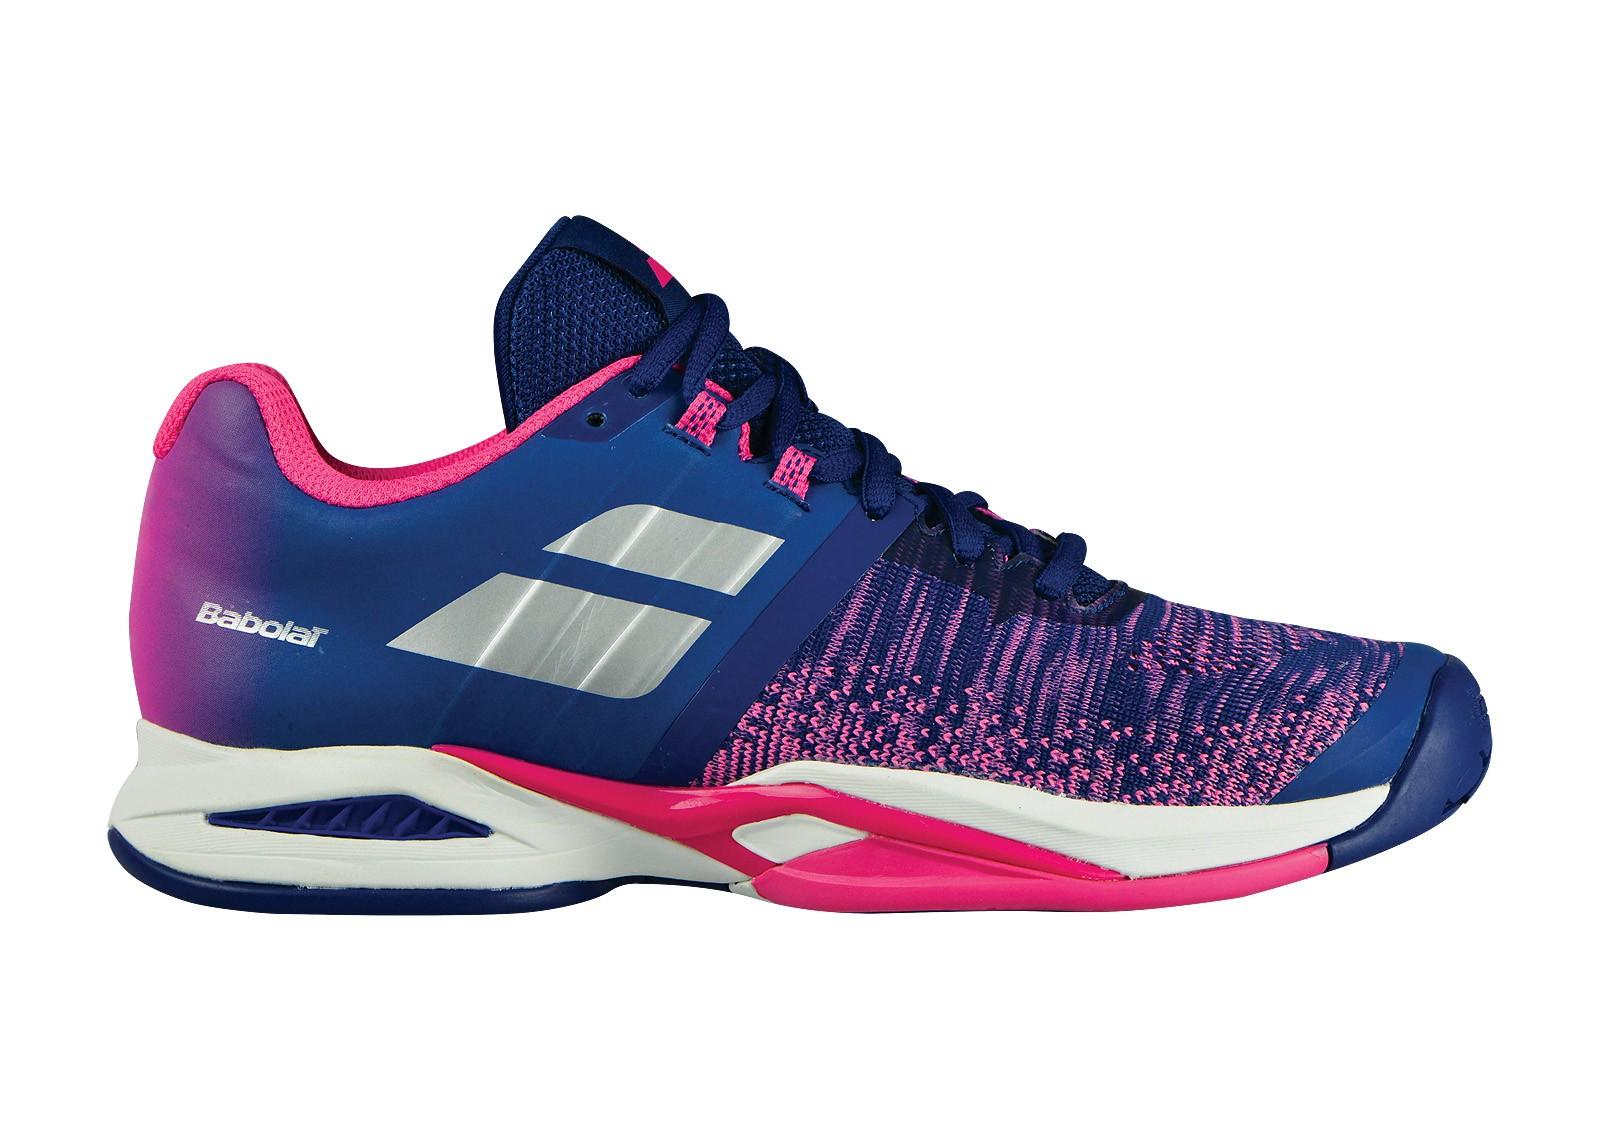 Buty tenisowe damskie Babolat Propulse Blast All Court - Wyprzedaż!